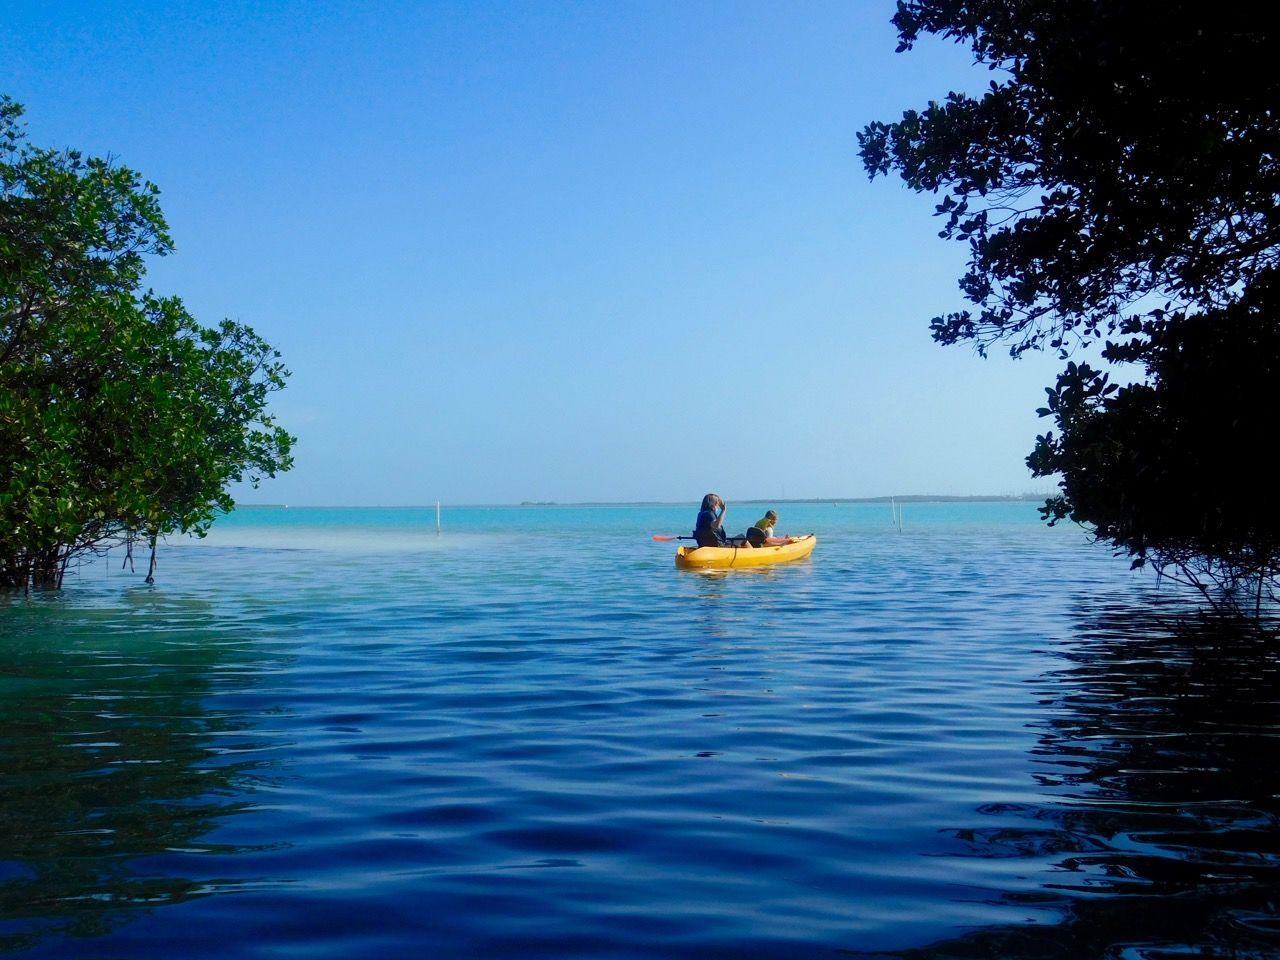 Mangrove sur l'île d'Islamorada dans l'archipel des Keys de Floride